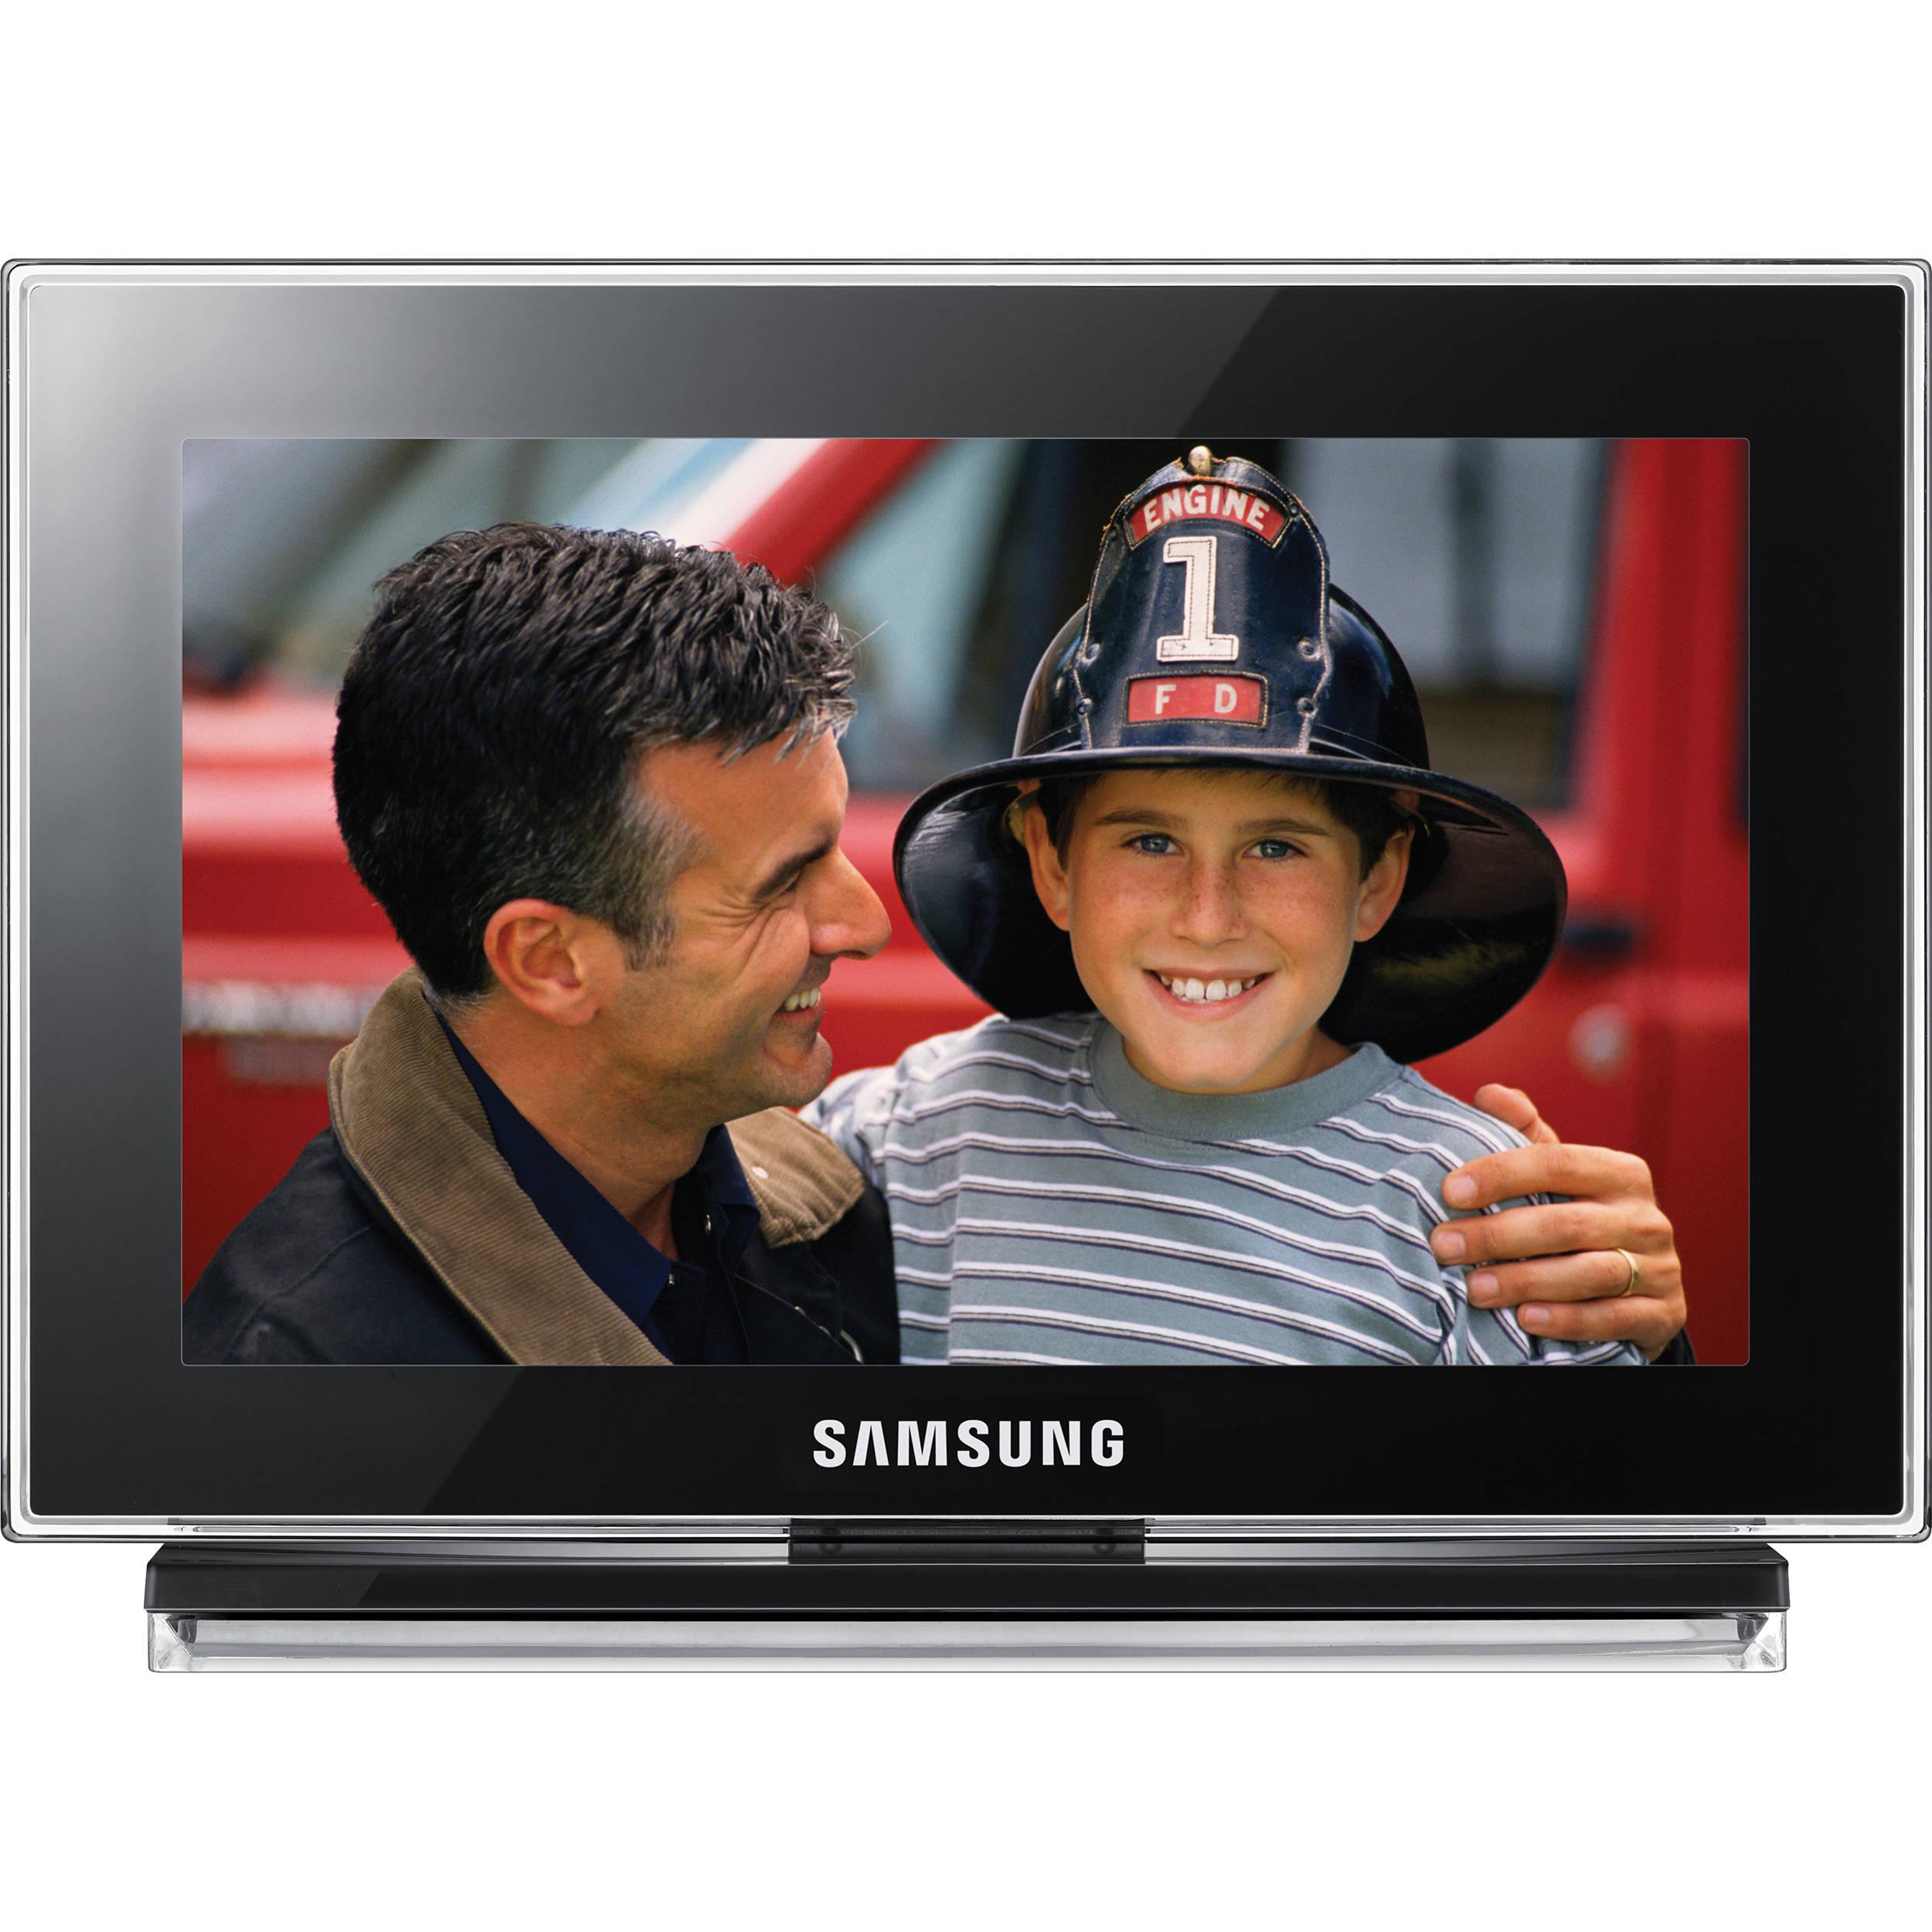 Fein Samsung Digital Picture Frame Zeitgenössisch - Bilderrahmen ...